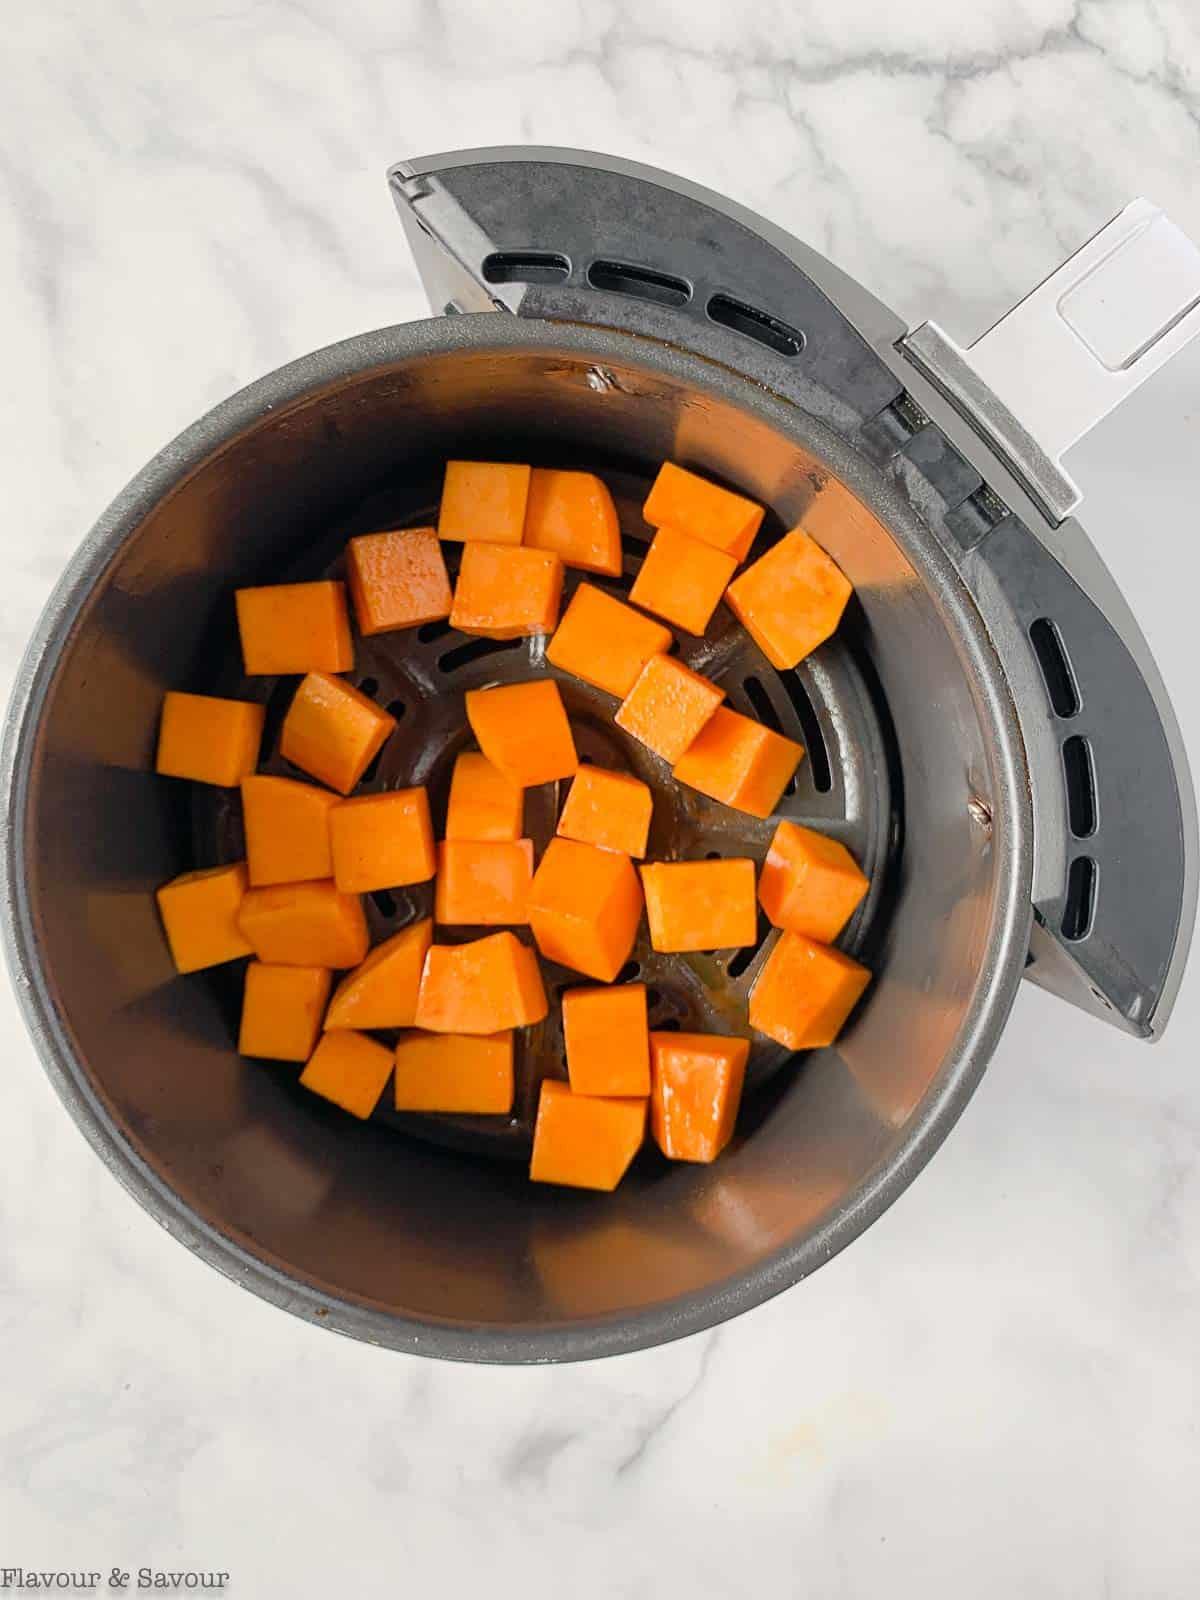 butternut squash cubes in an air fryer basket